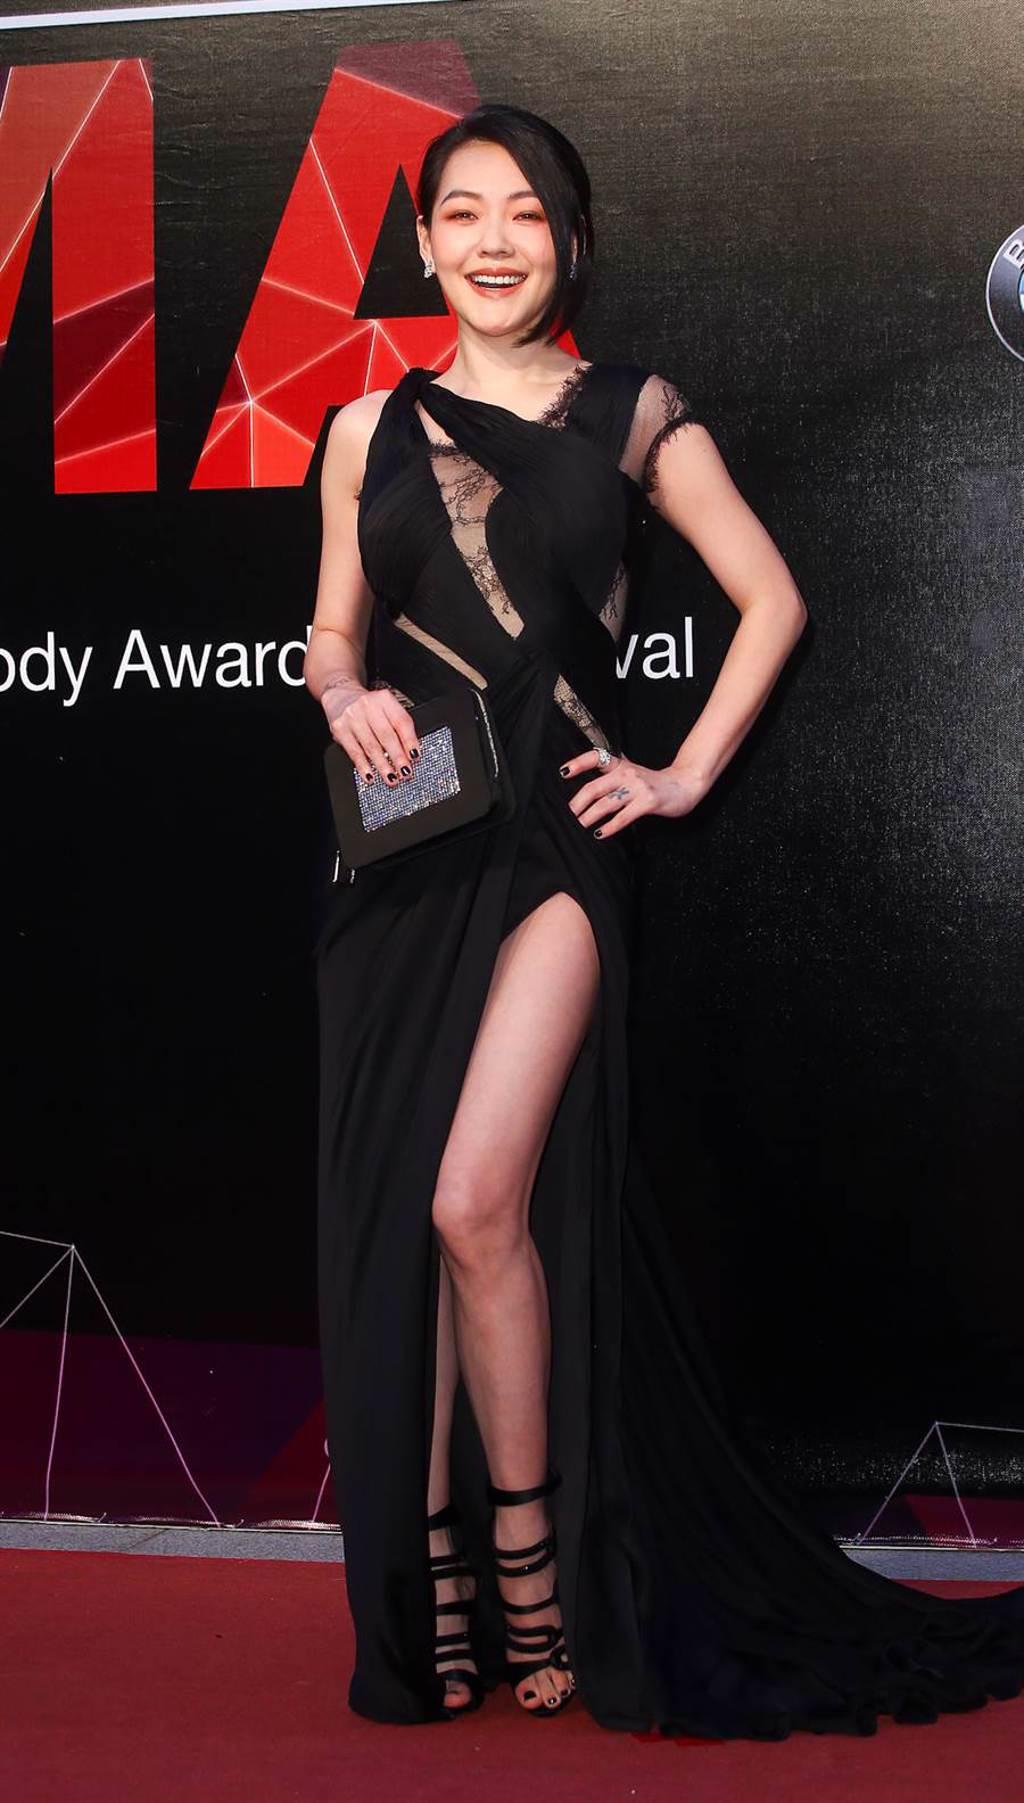 2015年6月27日台北/第26屆流行音樂金曲獎星光大道,圖為小S徐熙娣。(影視攝影組攝)